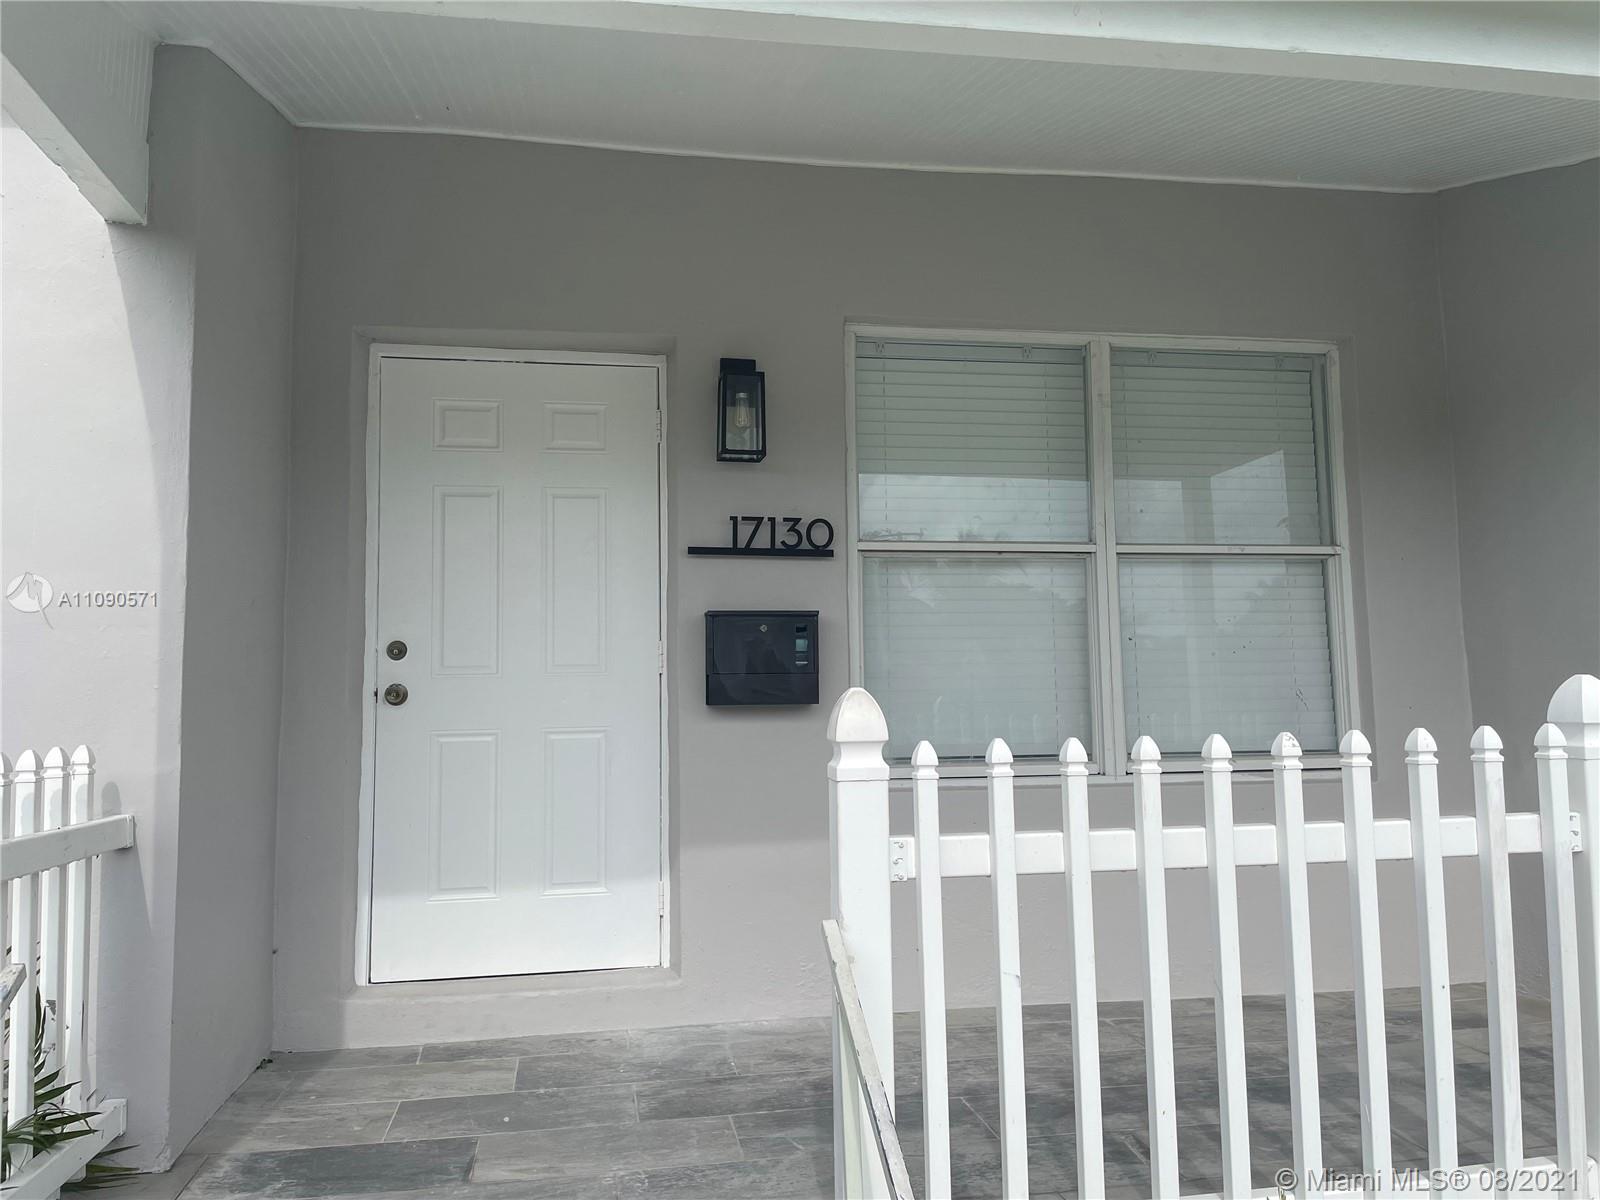 Windward - 17130 NE 6th Ct, North Miami Beach, FL 33162